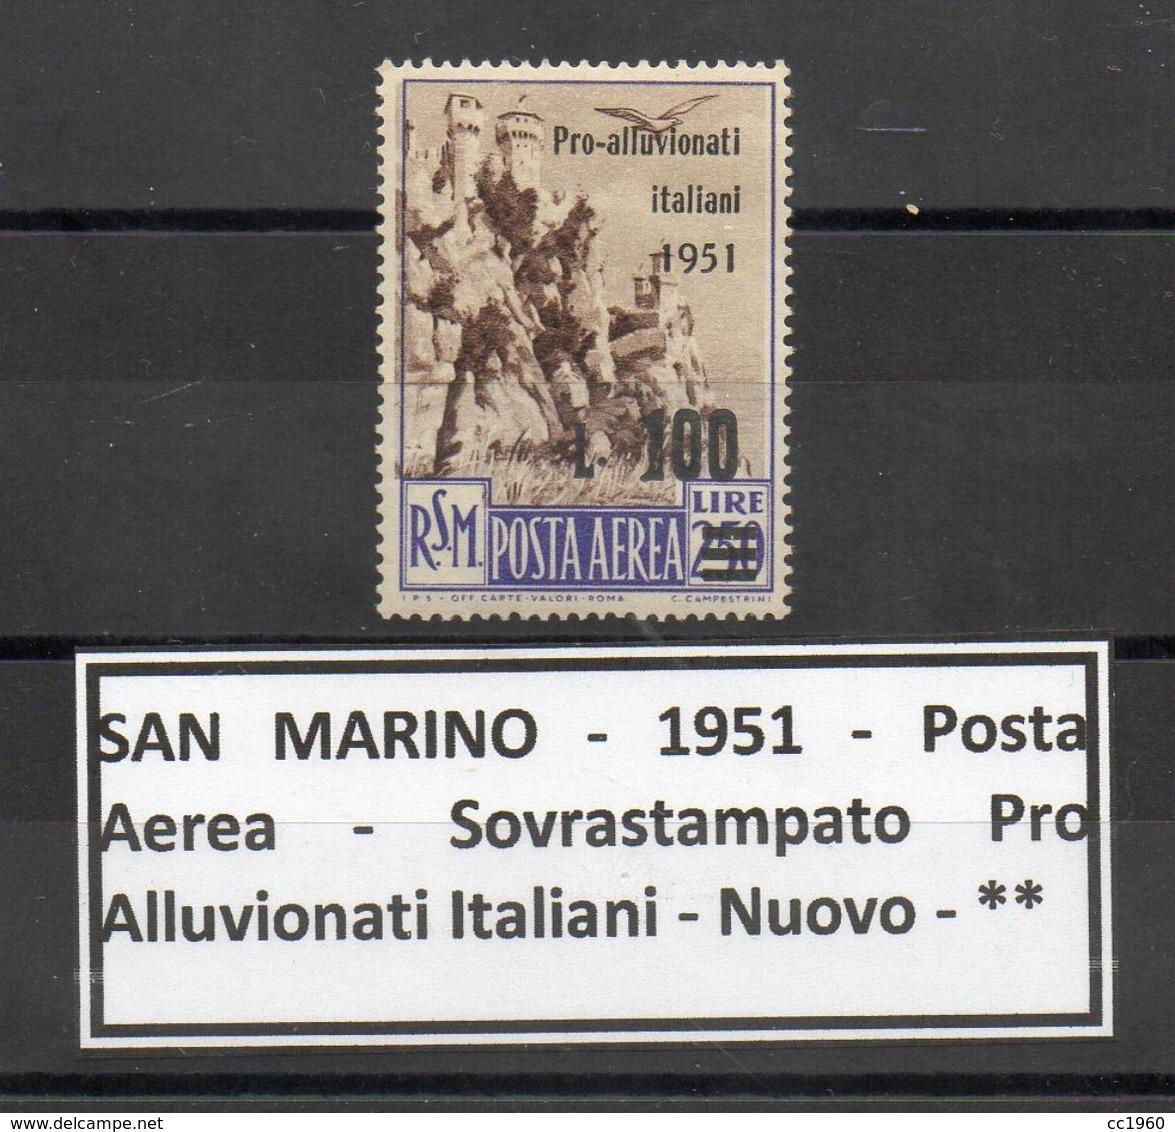 San Marino - 1951 - Posta Aerea - Sovrastampato Pro Alluvionati Italiani - Nuovo - ** - (FDC8797) - Posta Aerea